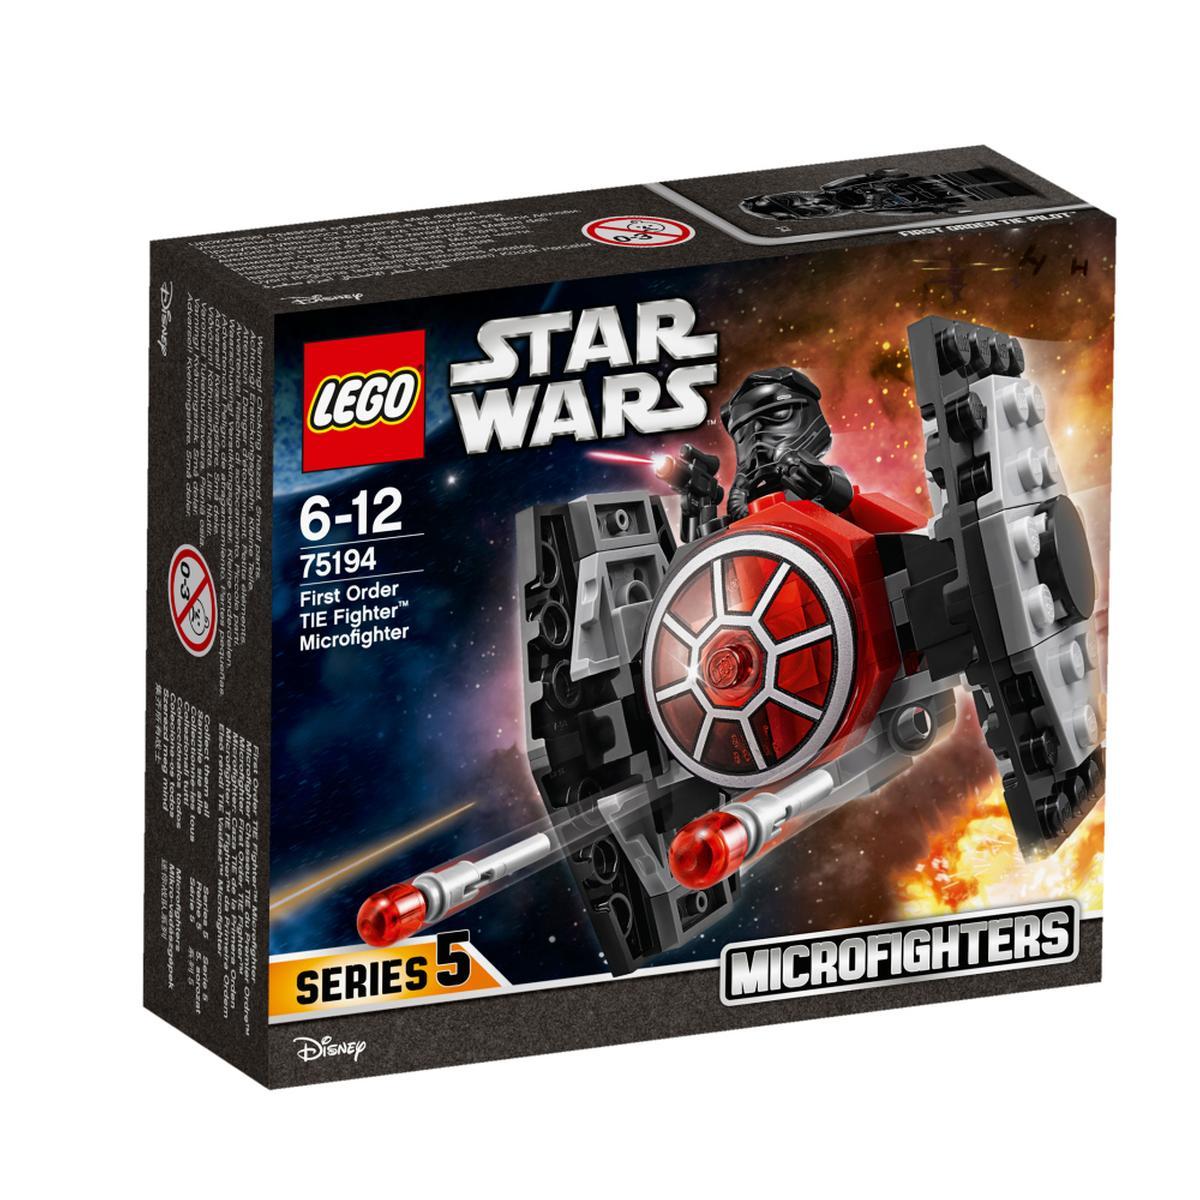 LEGO Star Wars - Microfighter Caza TIE de la Primera Orden - 75194 5,99 €   9,99 €